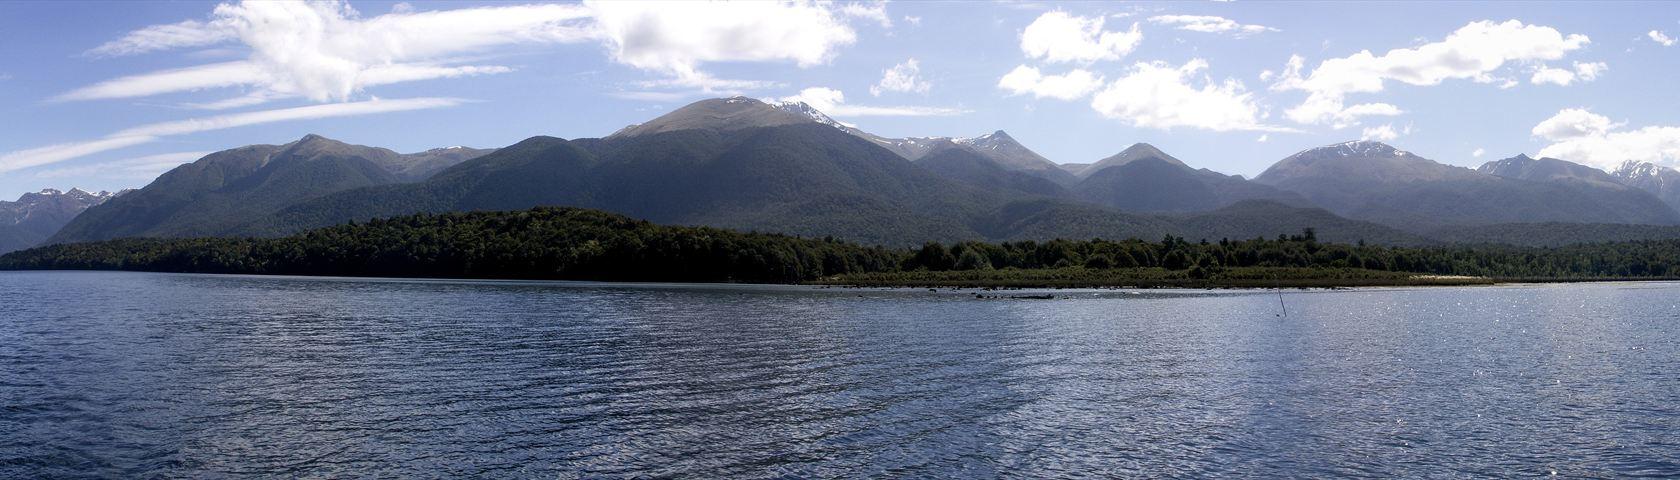 Sailing on Lake Monowai